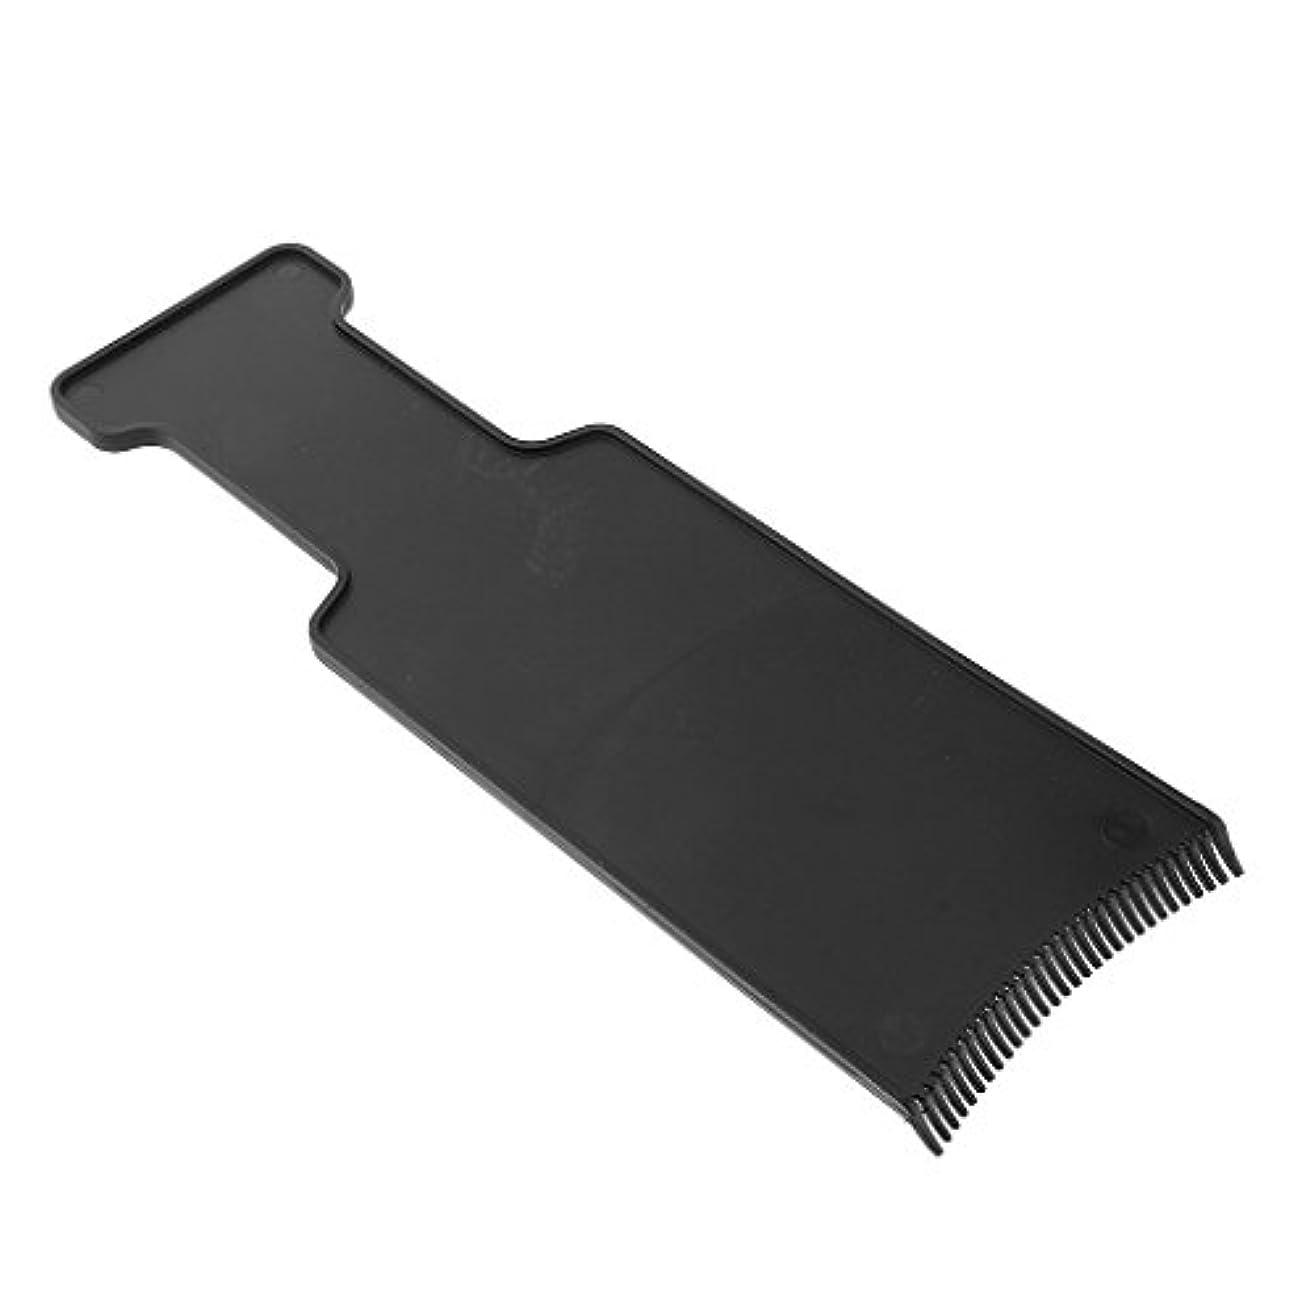 効果煙突ベットKesoto サロン ヘアカラー ボード ヘアカラーティント 美容 ヘア ツール 髪 保護 ブラック 全4サイズ - M